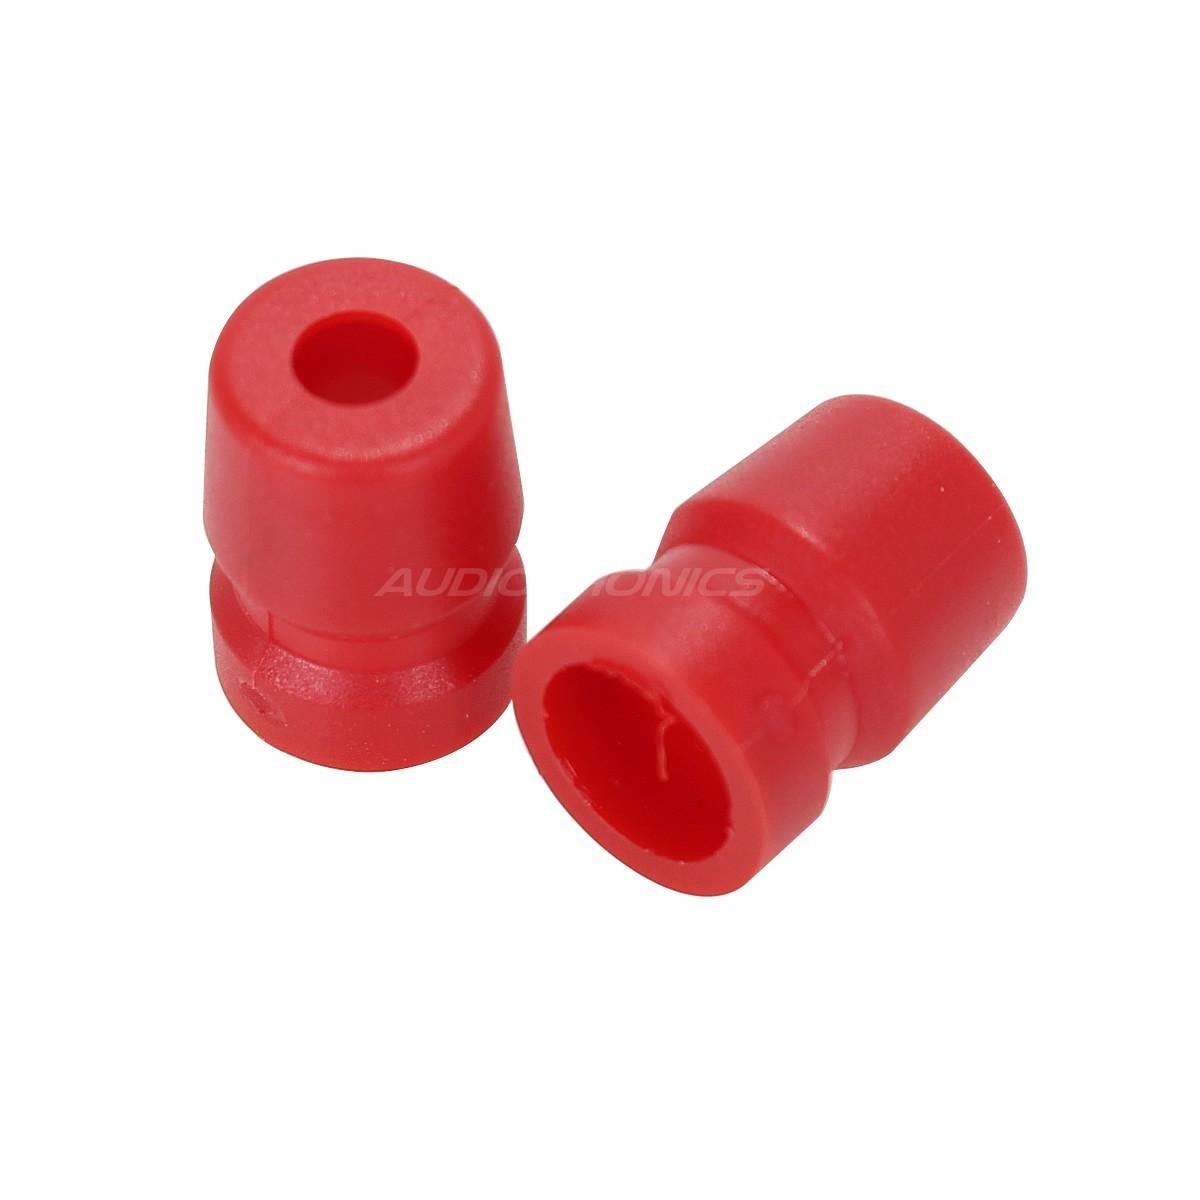 AC XLR RED Grommet for XLR Amphenol Plug 3 PIN